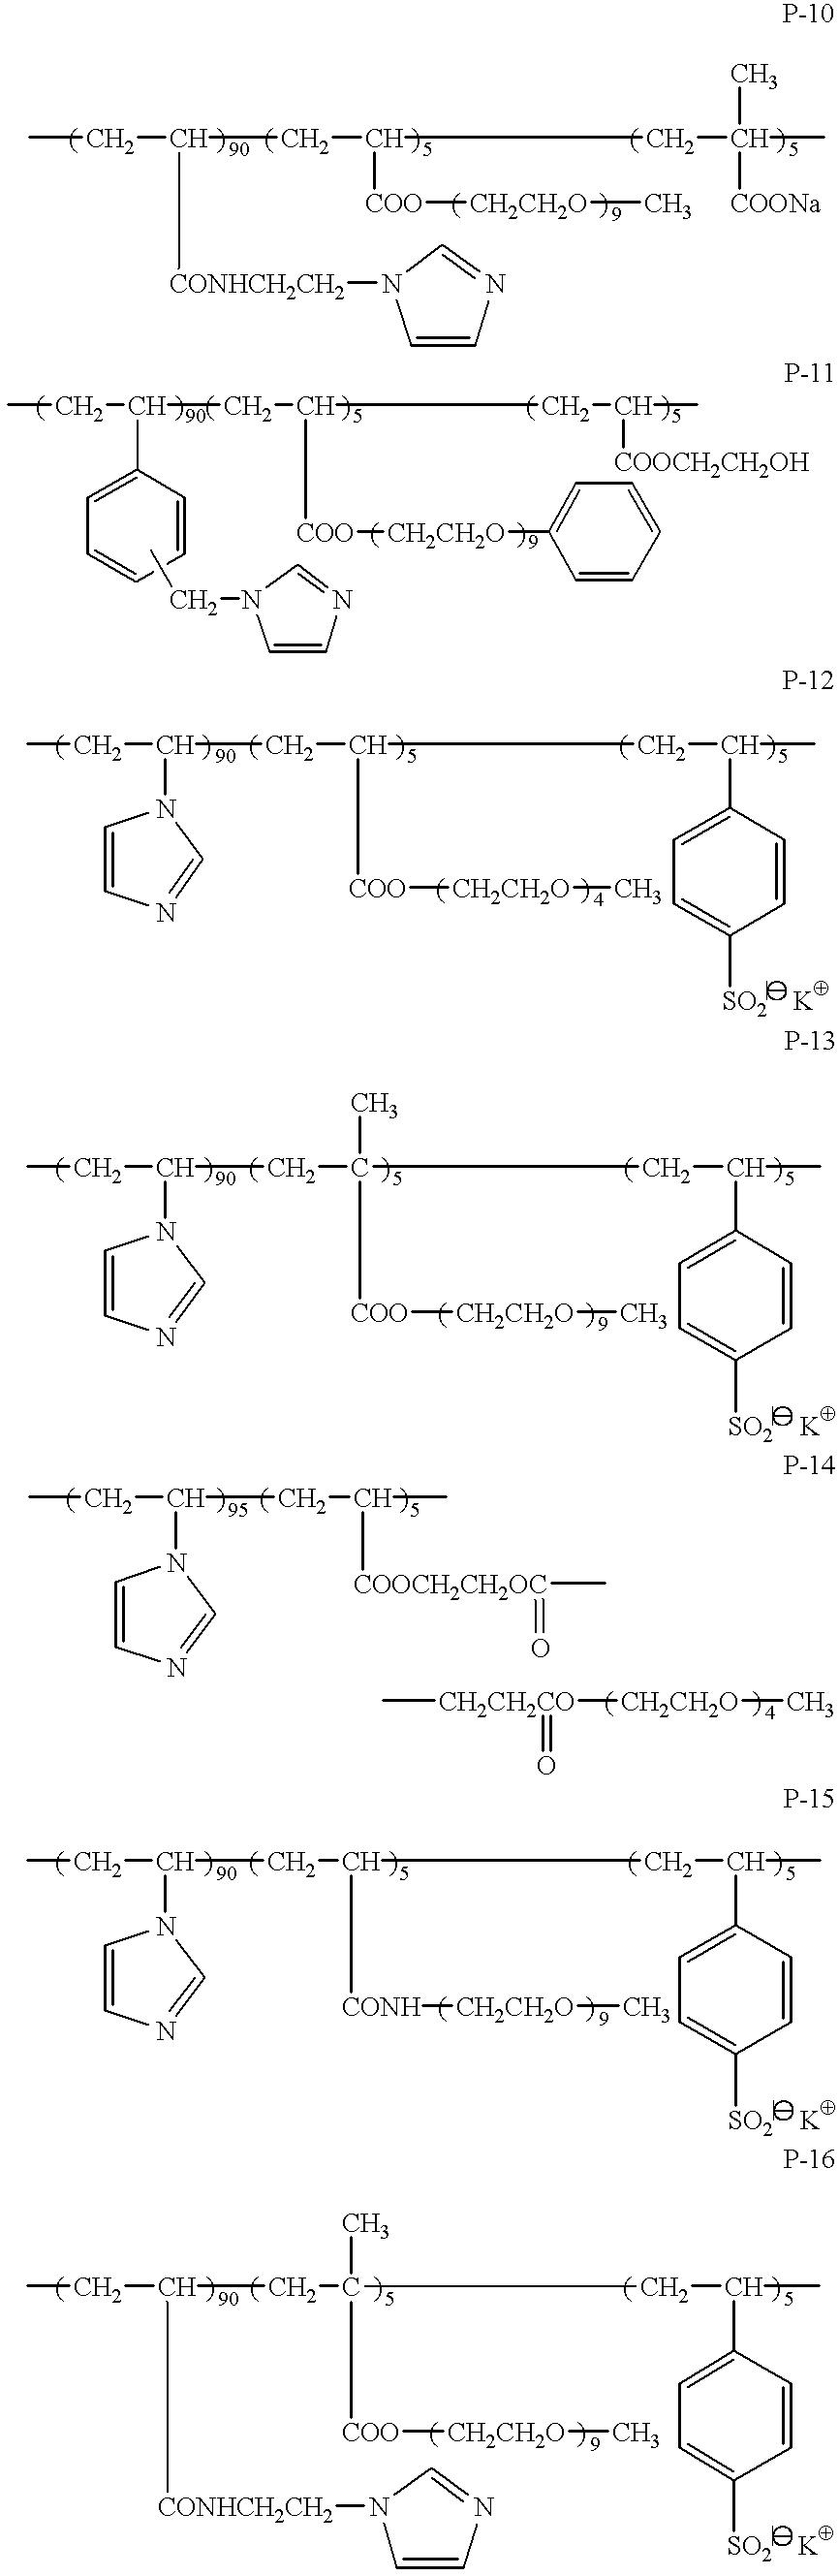 Figure US06183851-20010206-C00006